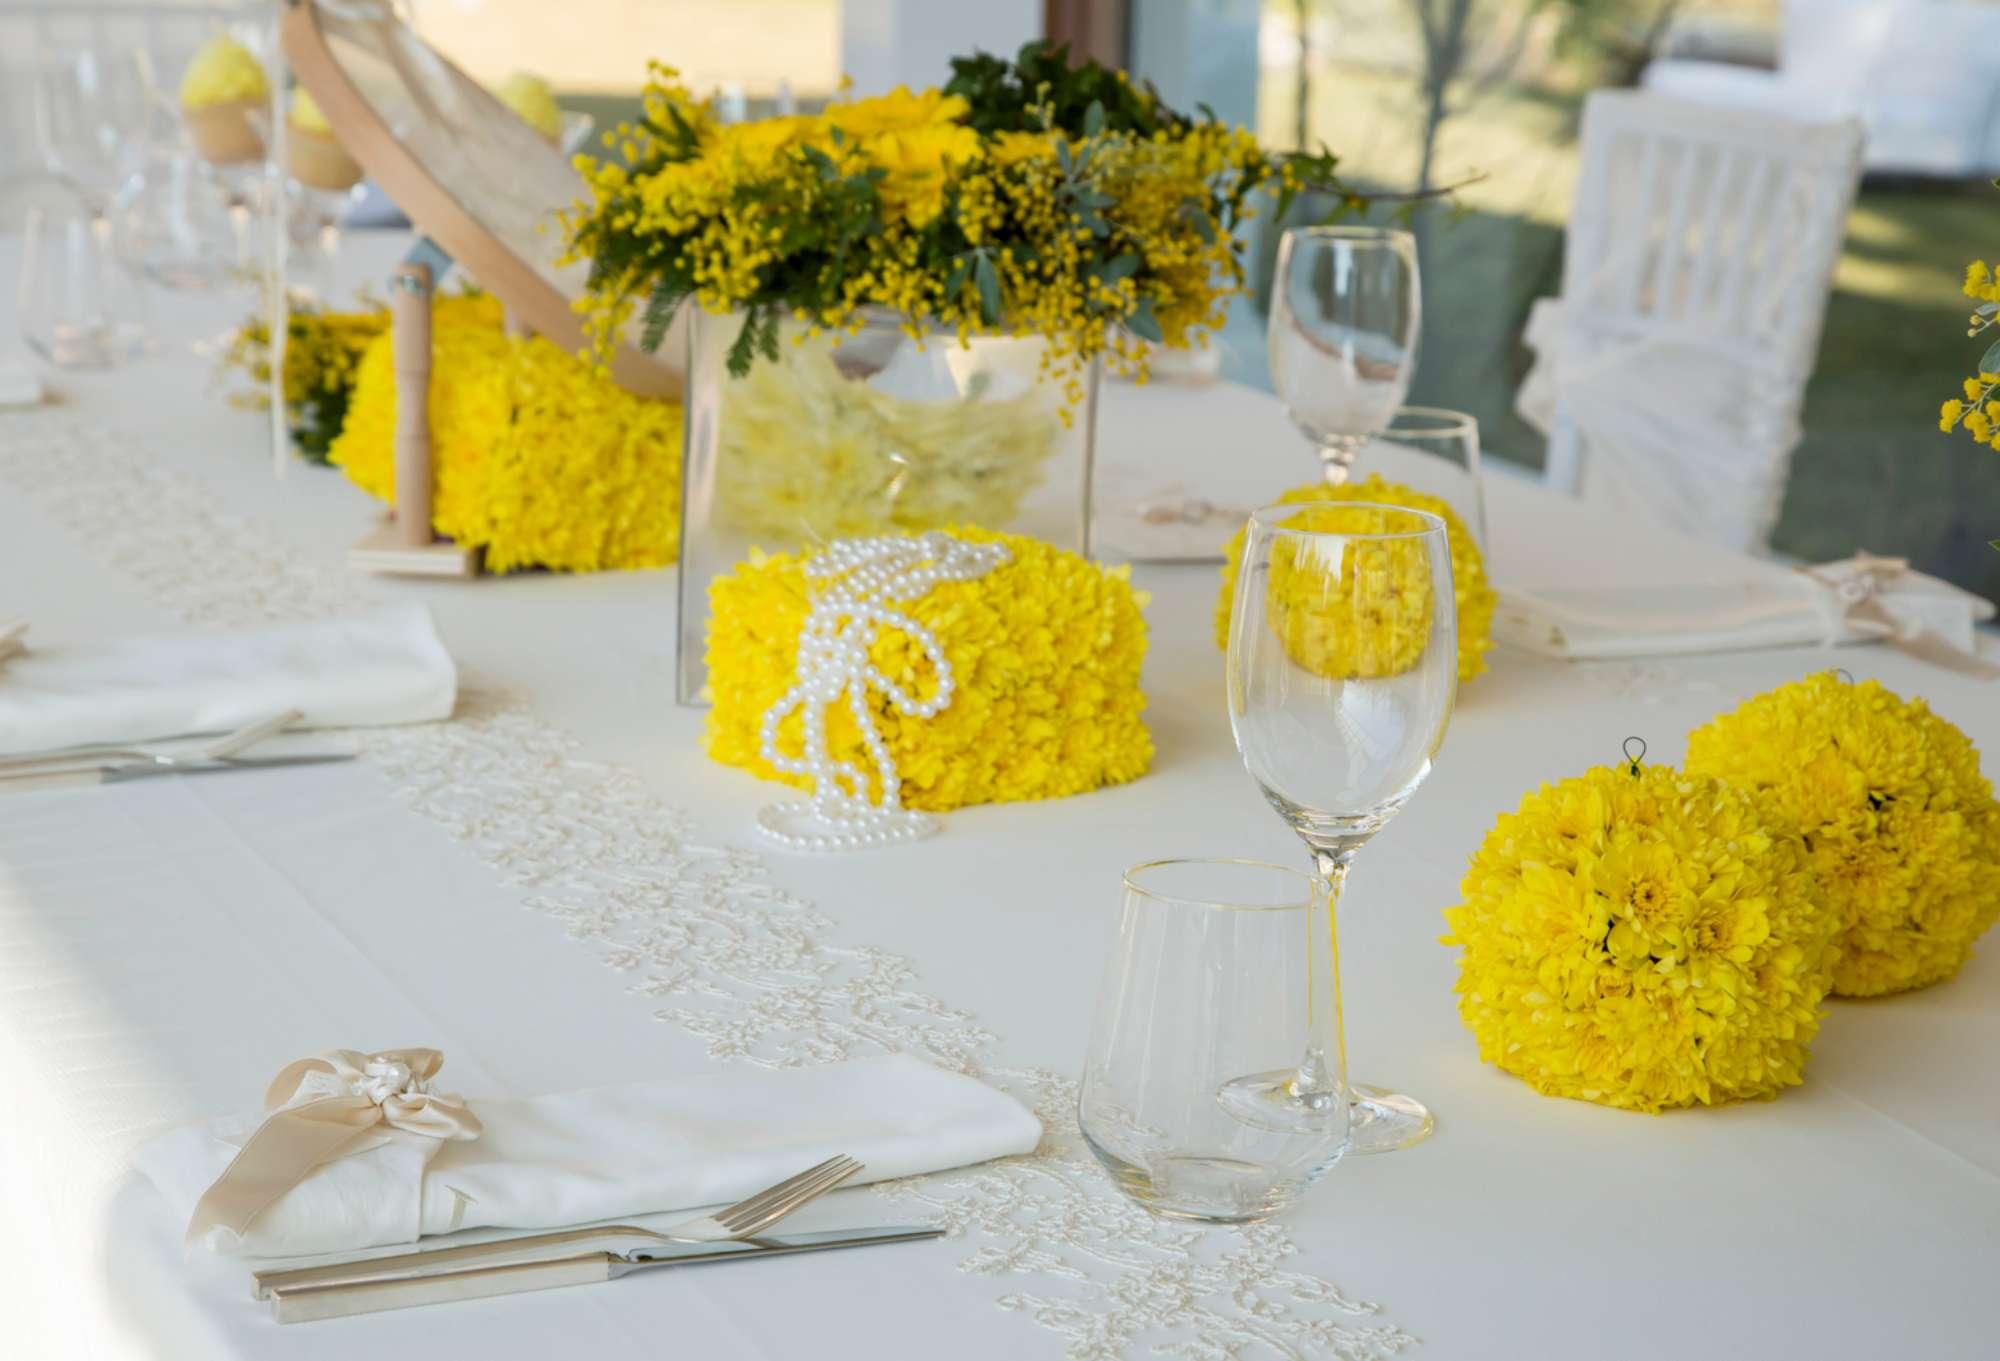 Matrimonio Tema Giallo : Matrimonio in giallo mimosa e festa della donna gocce